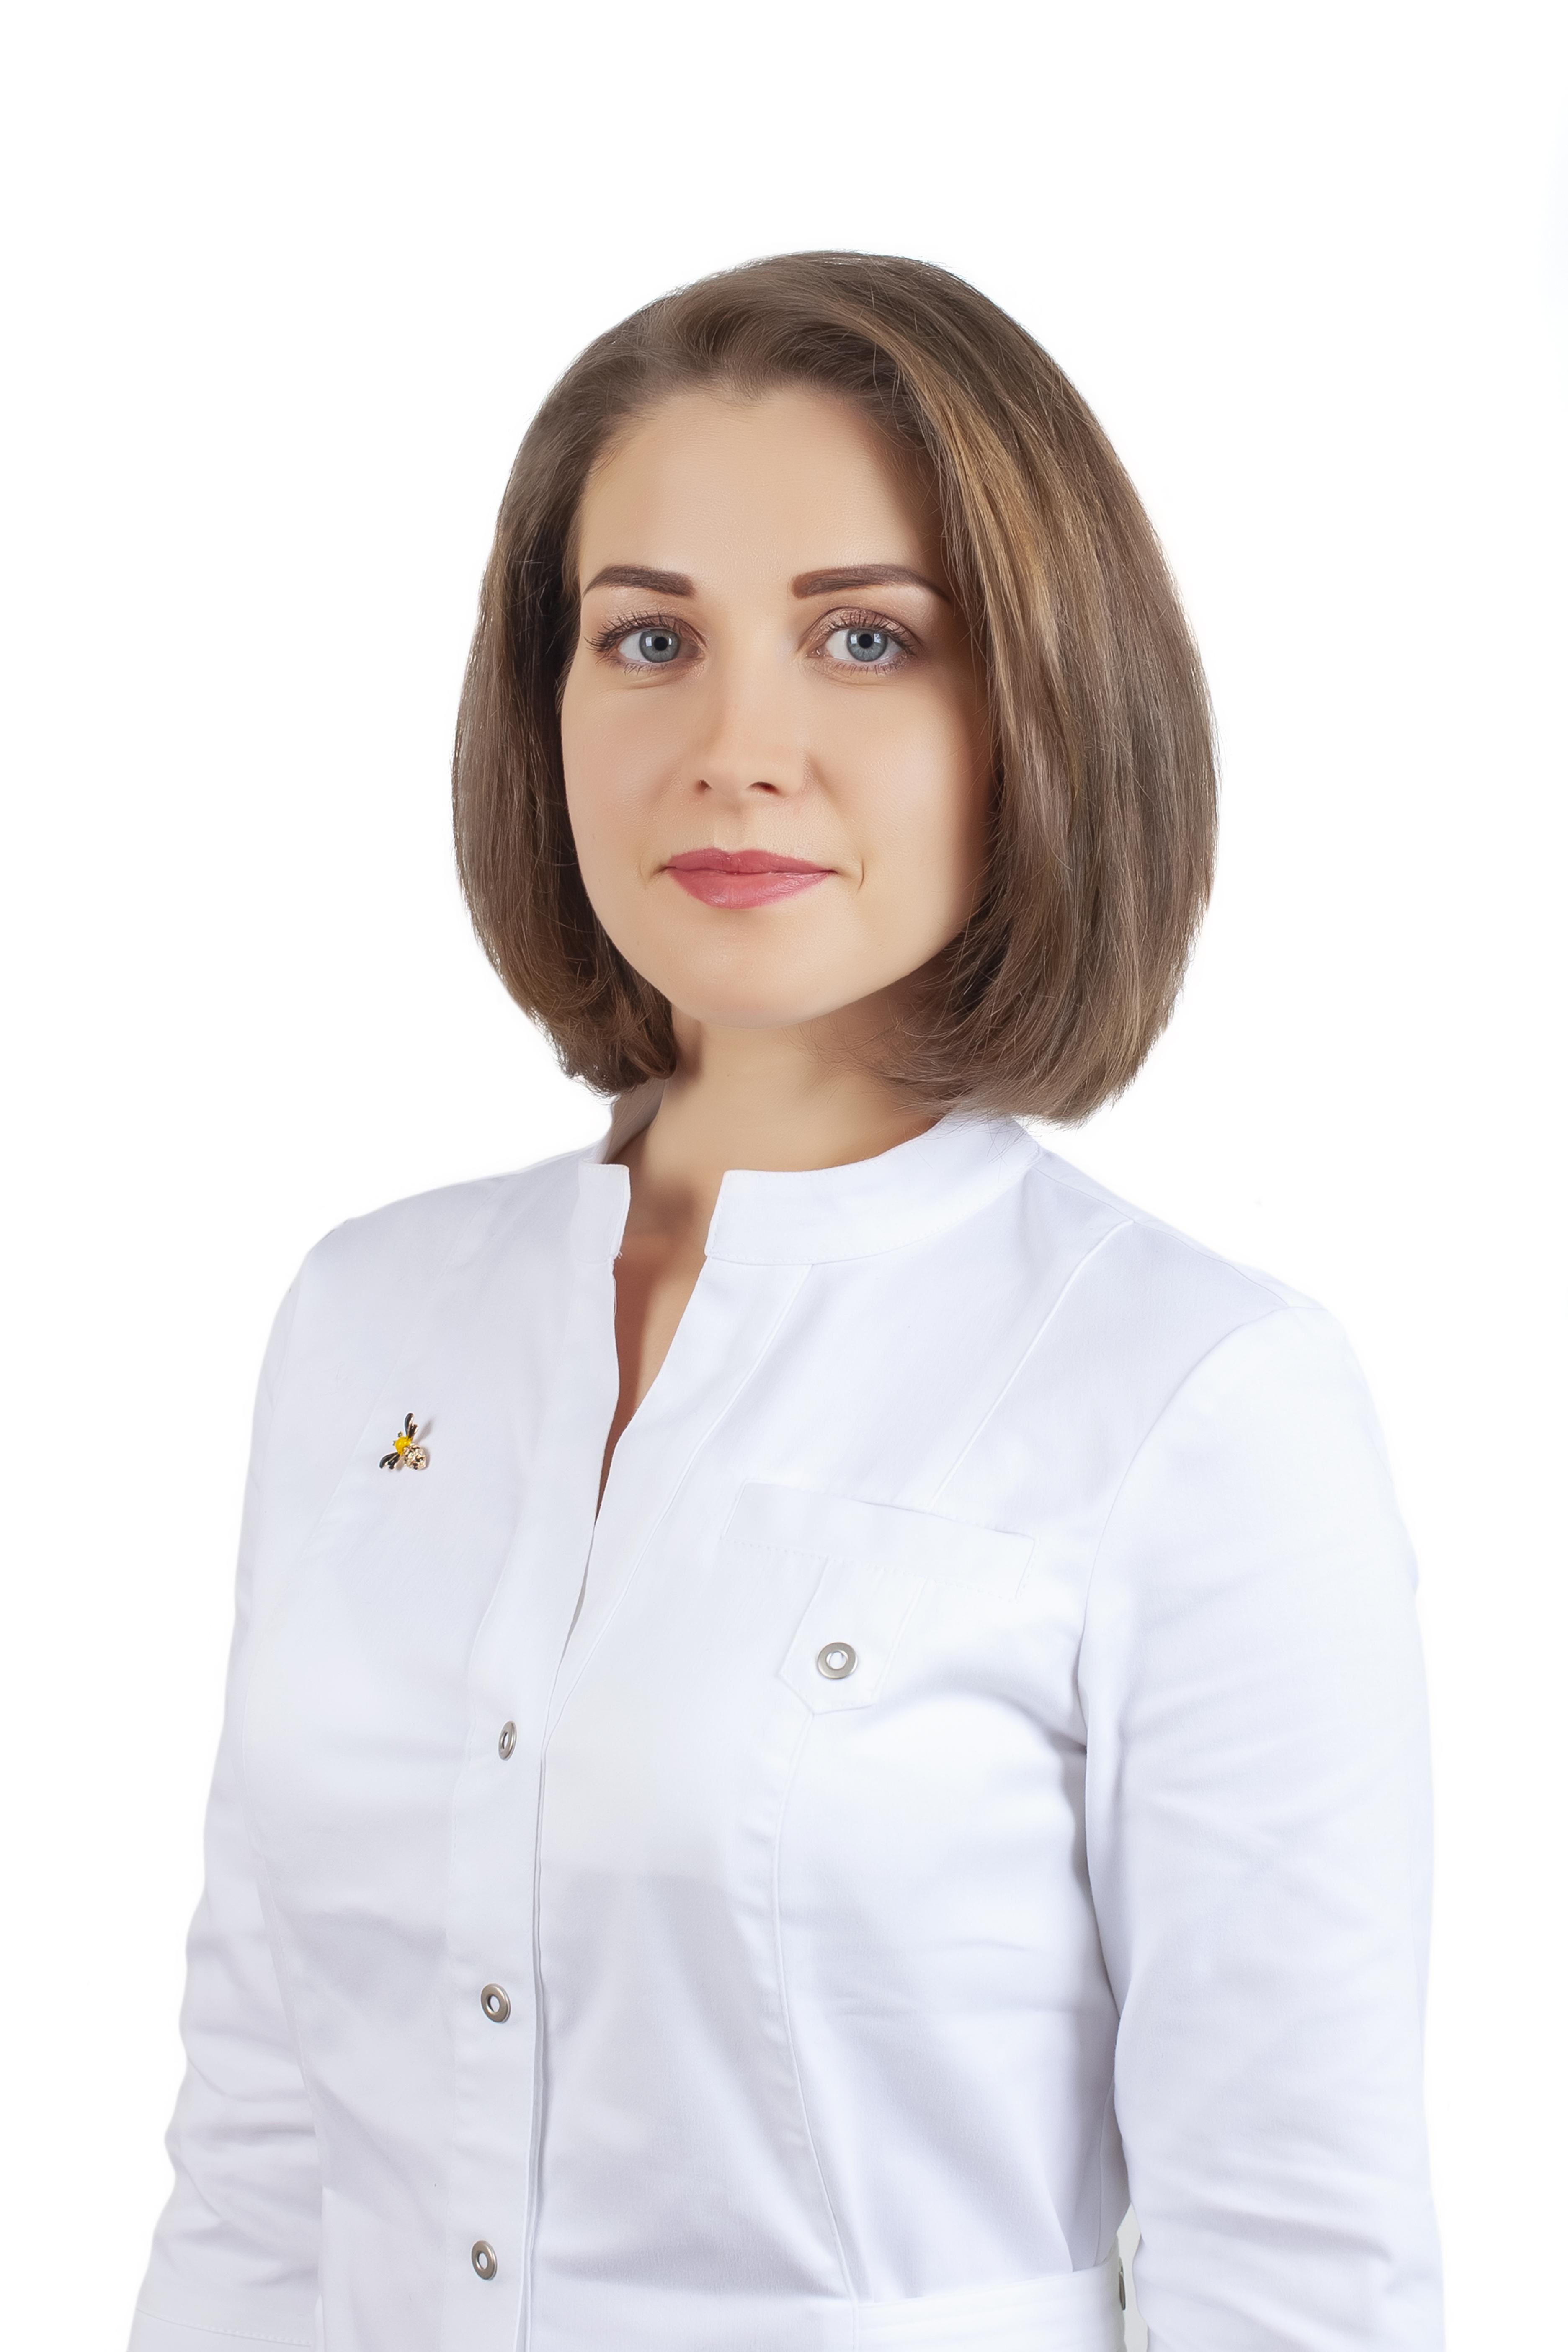 Орлова Инна Сергеевна